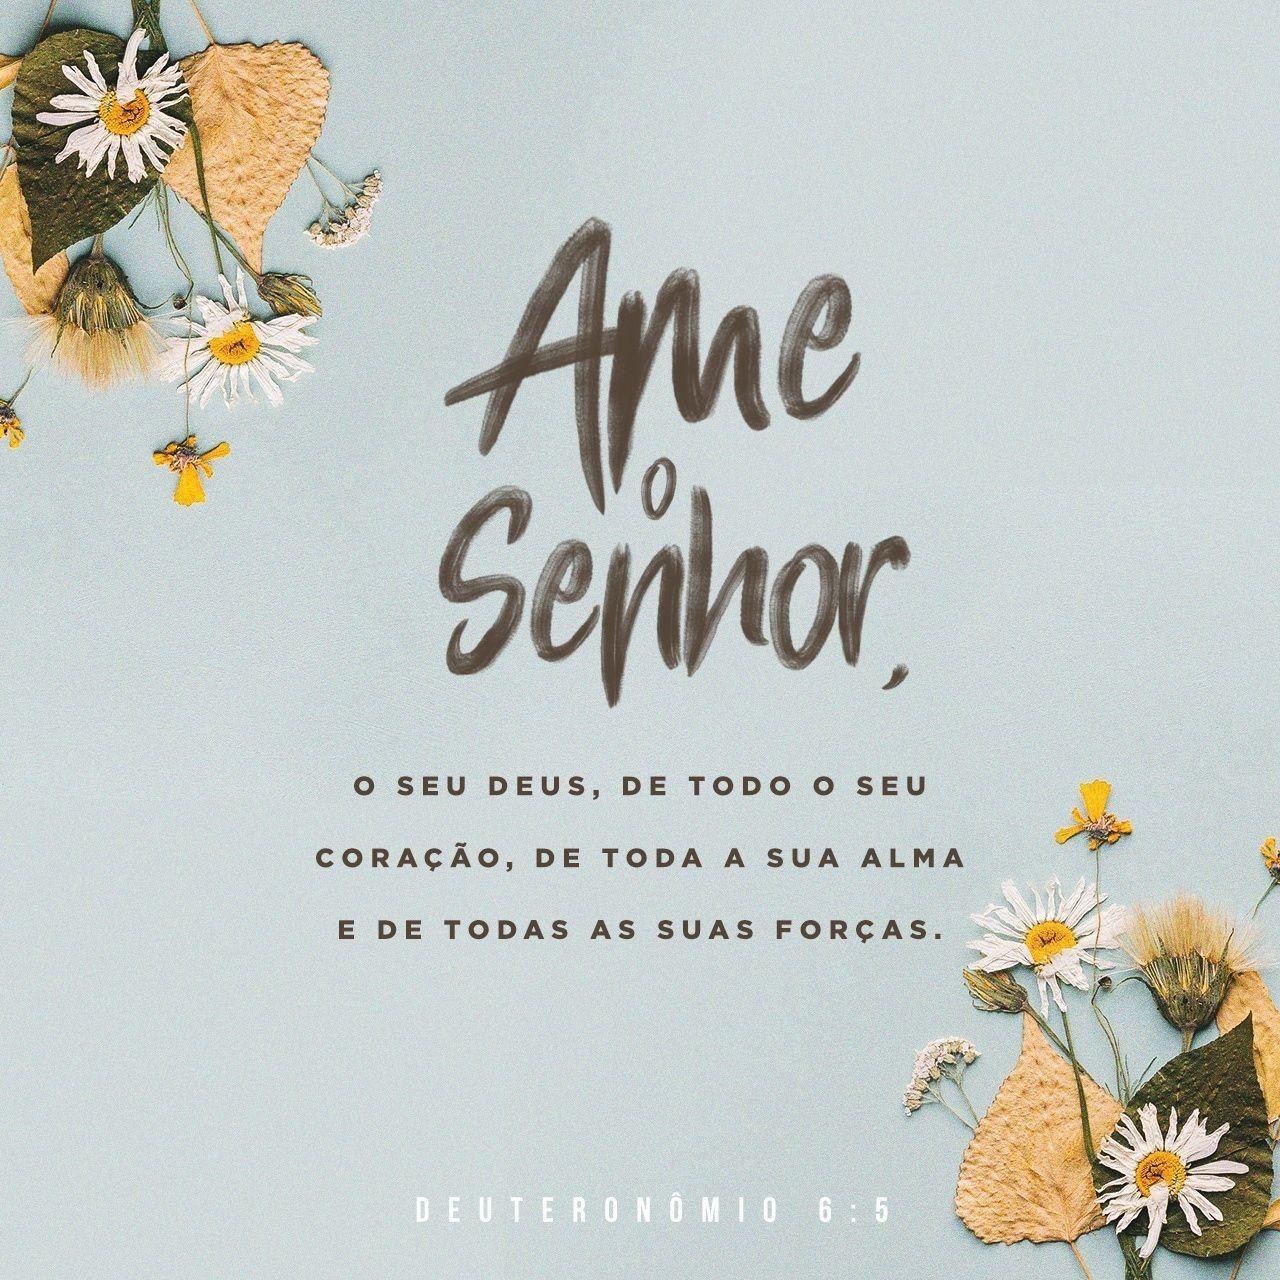 Amar O Senhor Acima De Todas As Coisas Frases Fortes De Deus